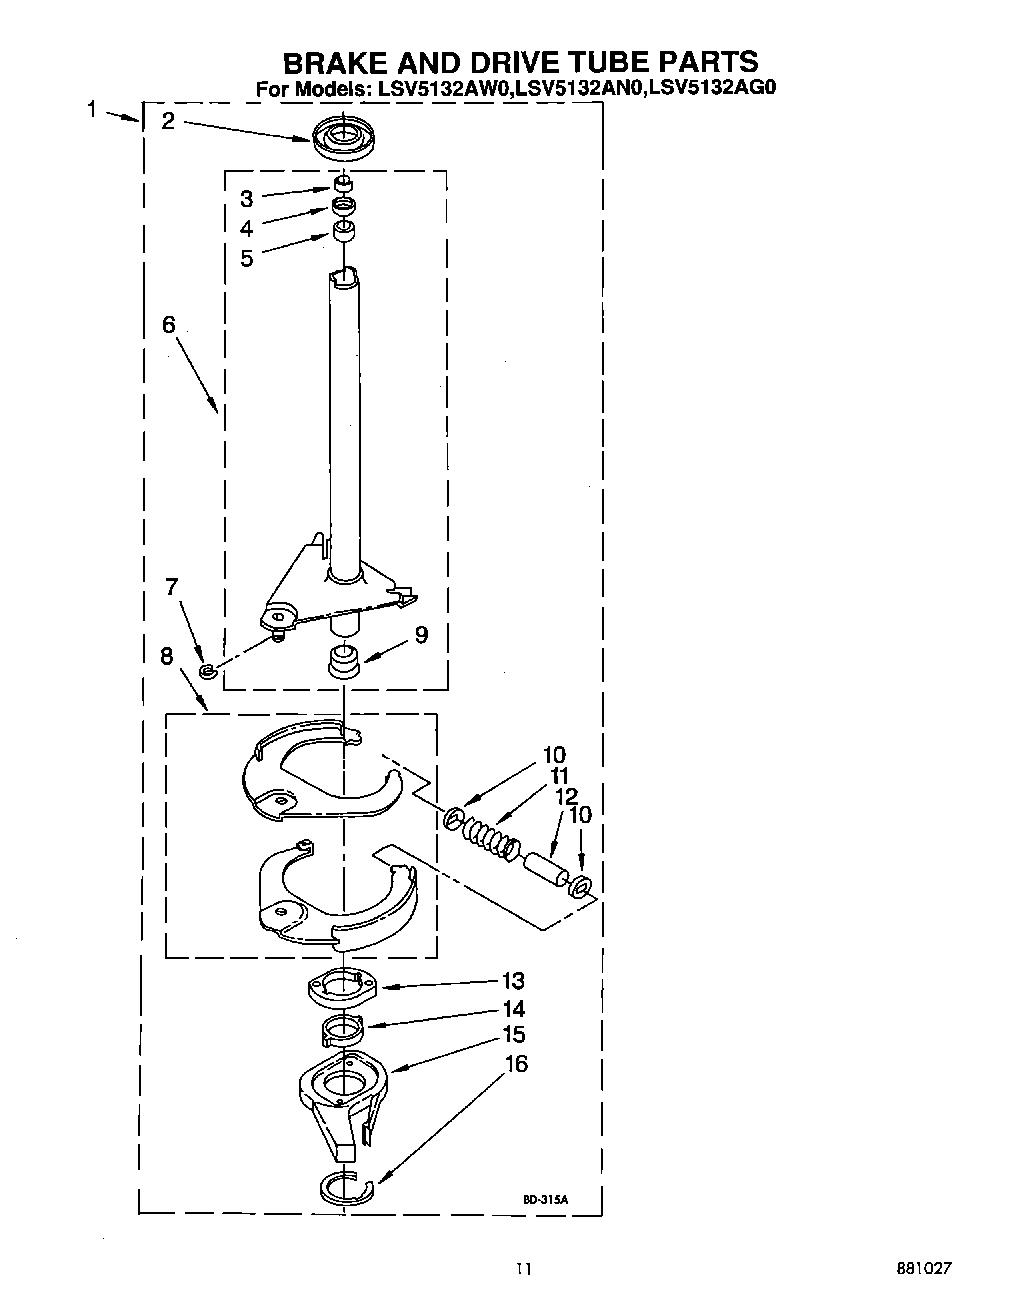 LSV5132AW0